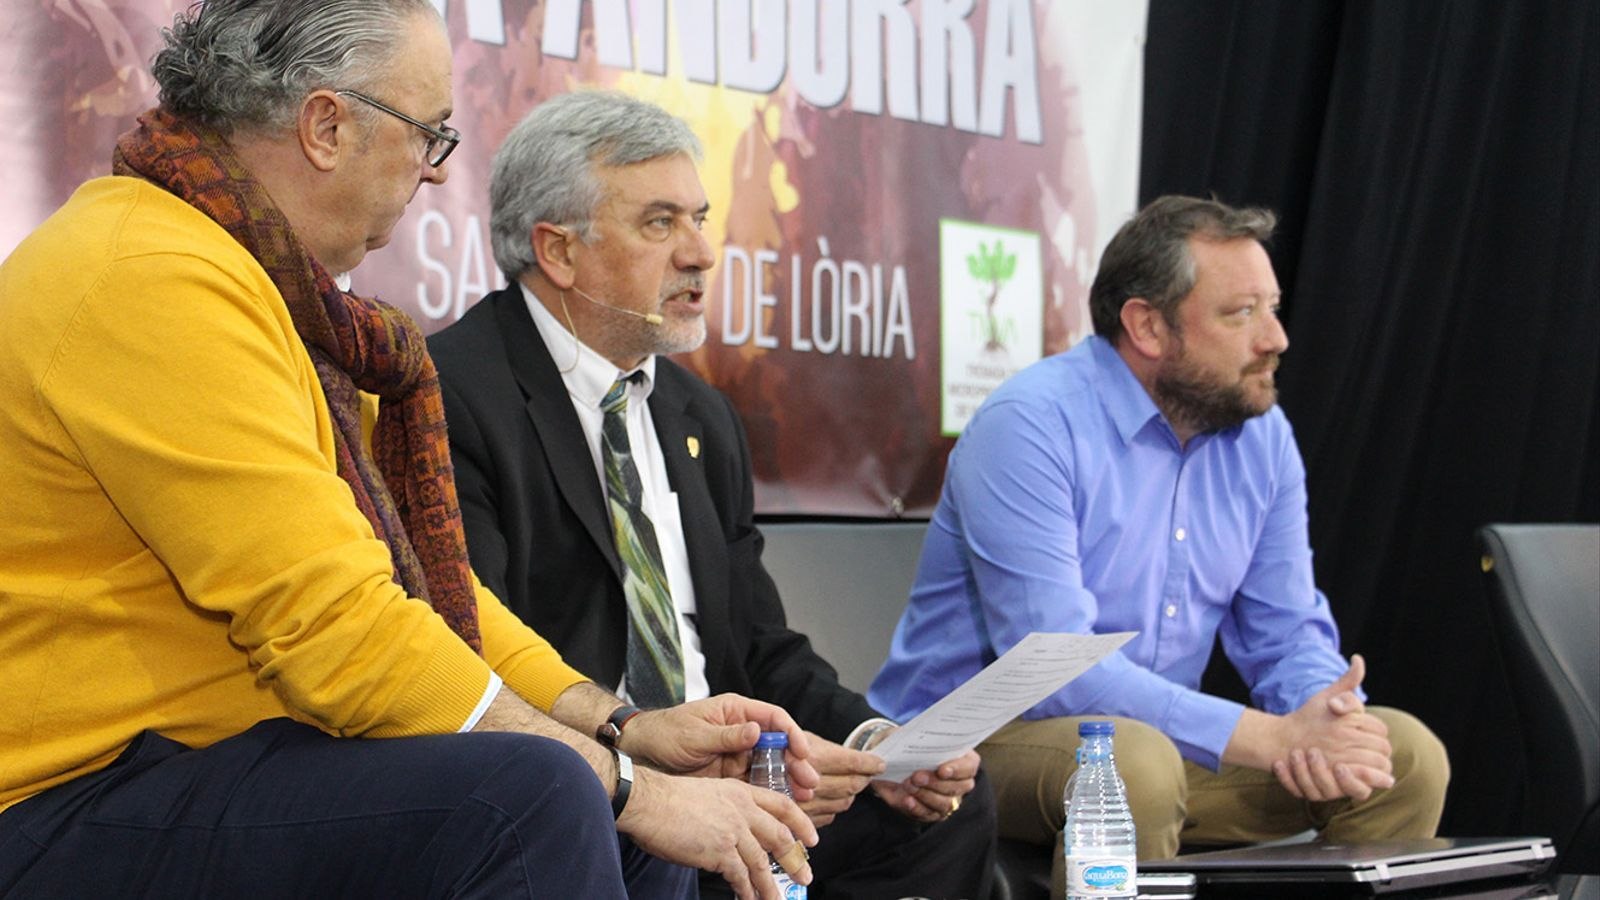 La roda de premsa d'aquest dilluns a Sant Julià de Lòria. / B. N. (ANA)